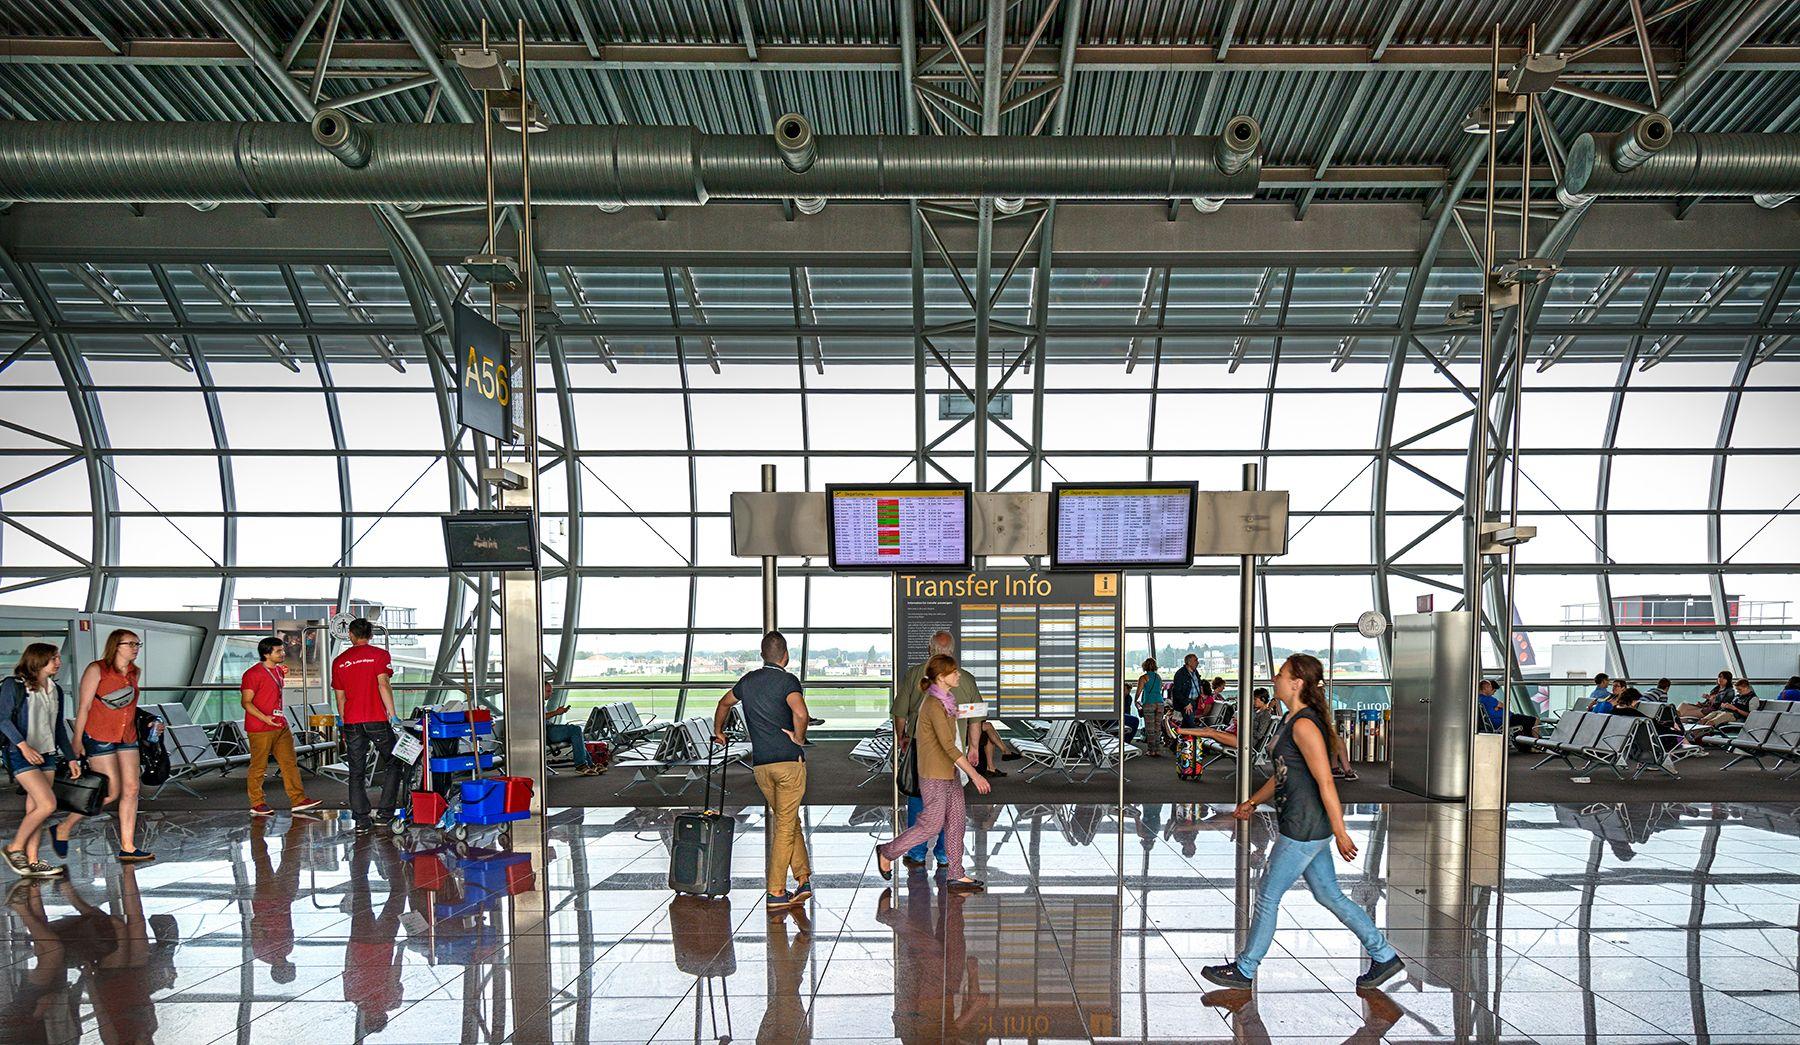 Aeropuertos 21 -la terminal-